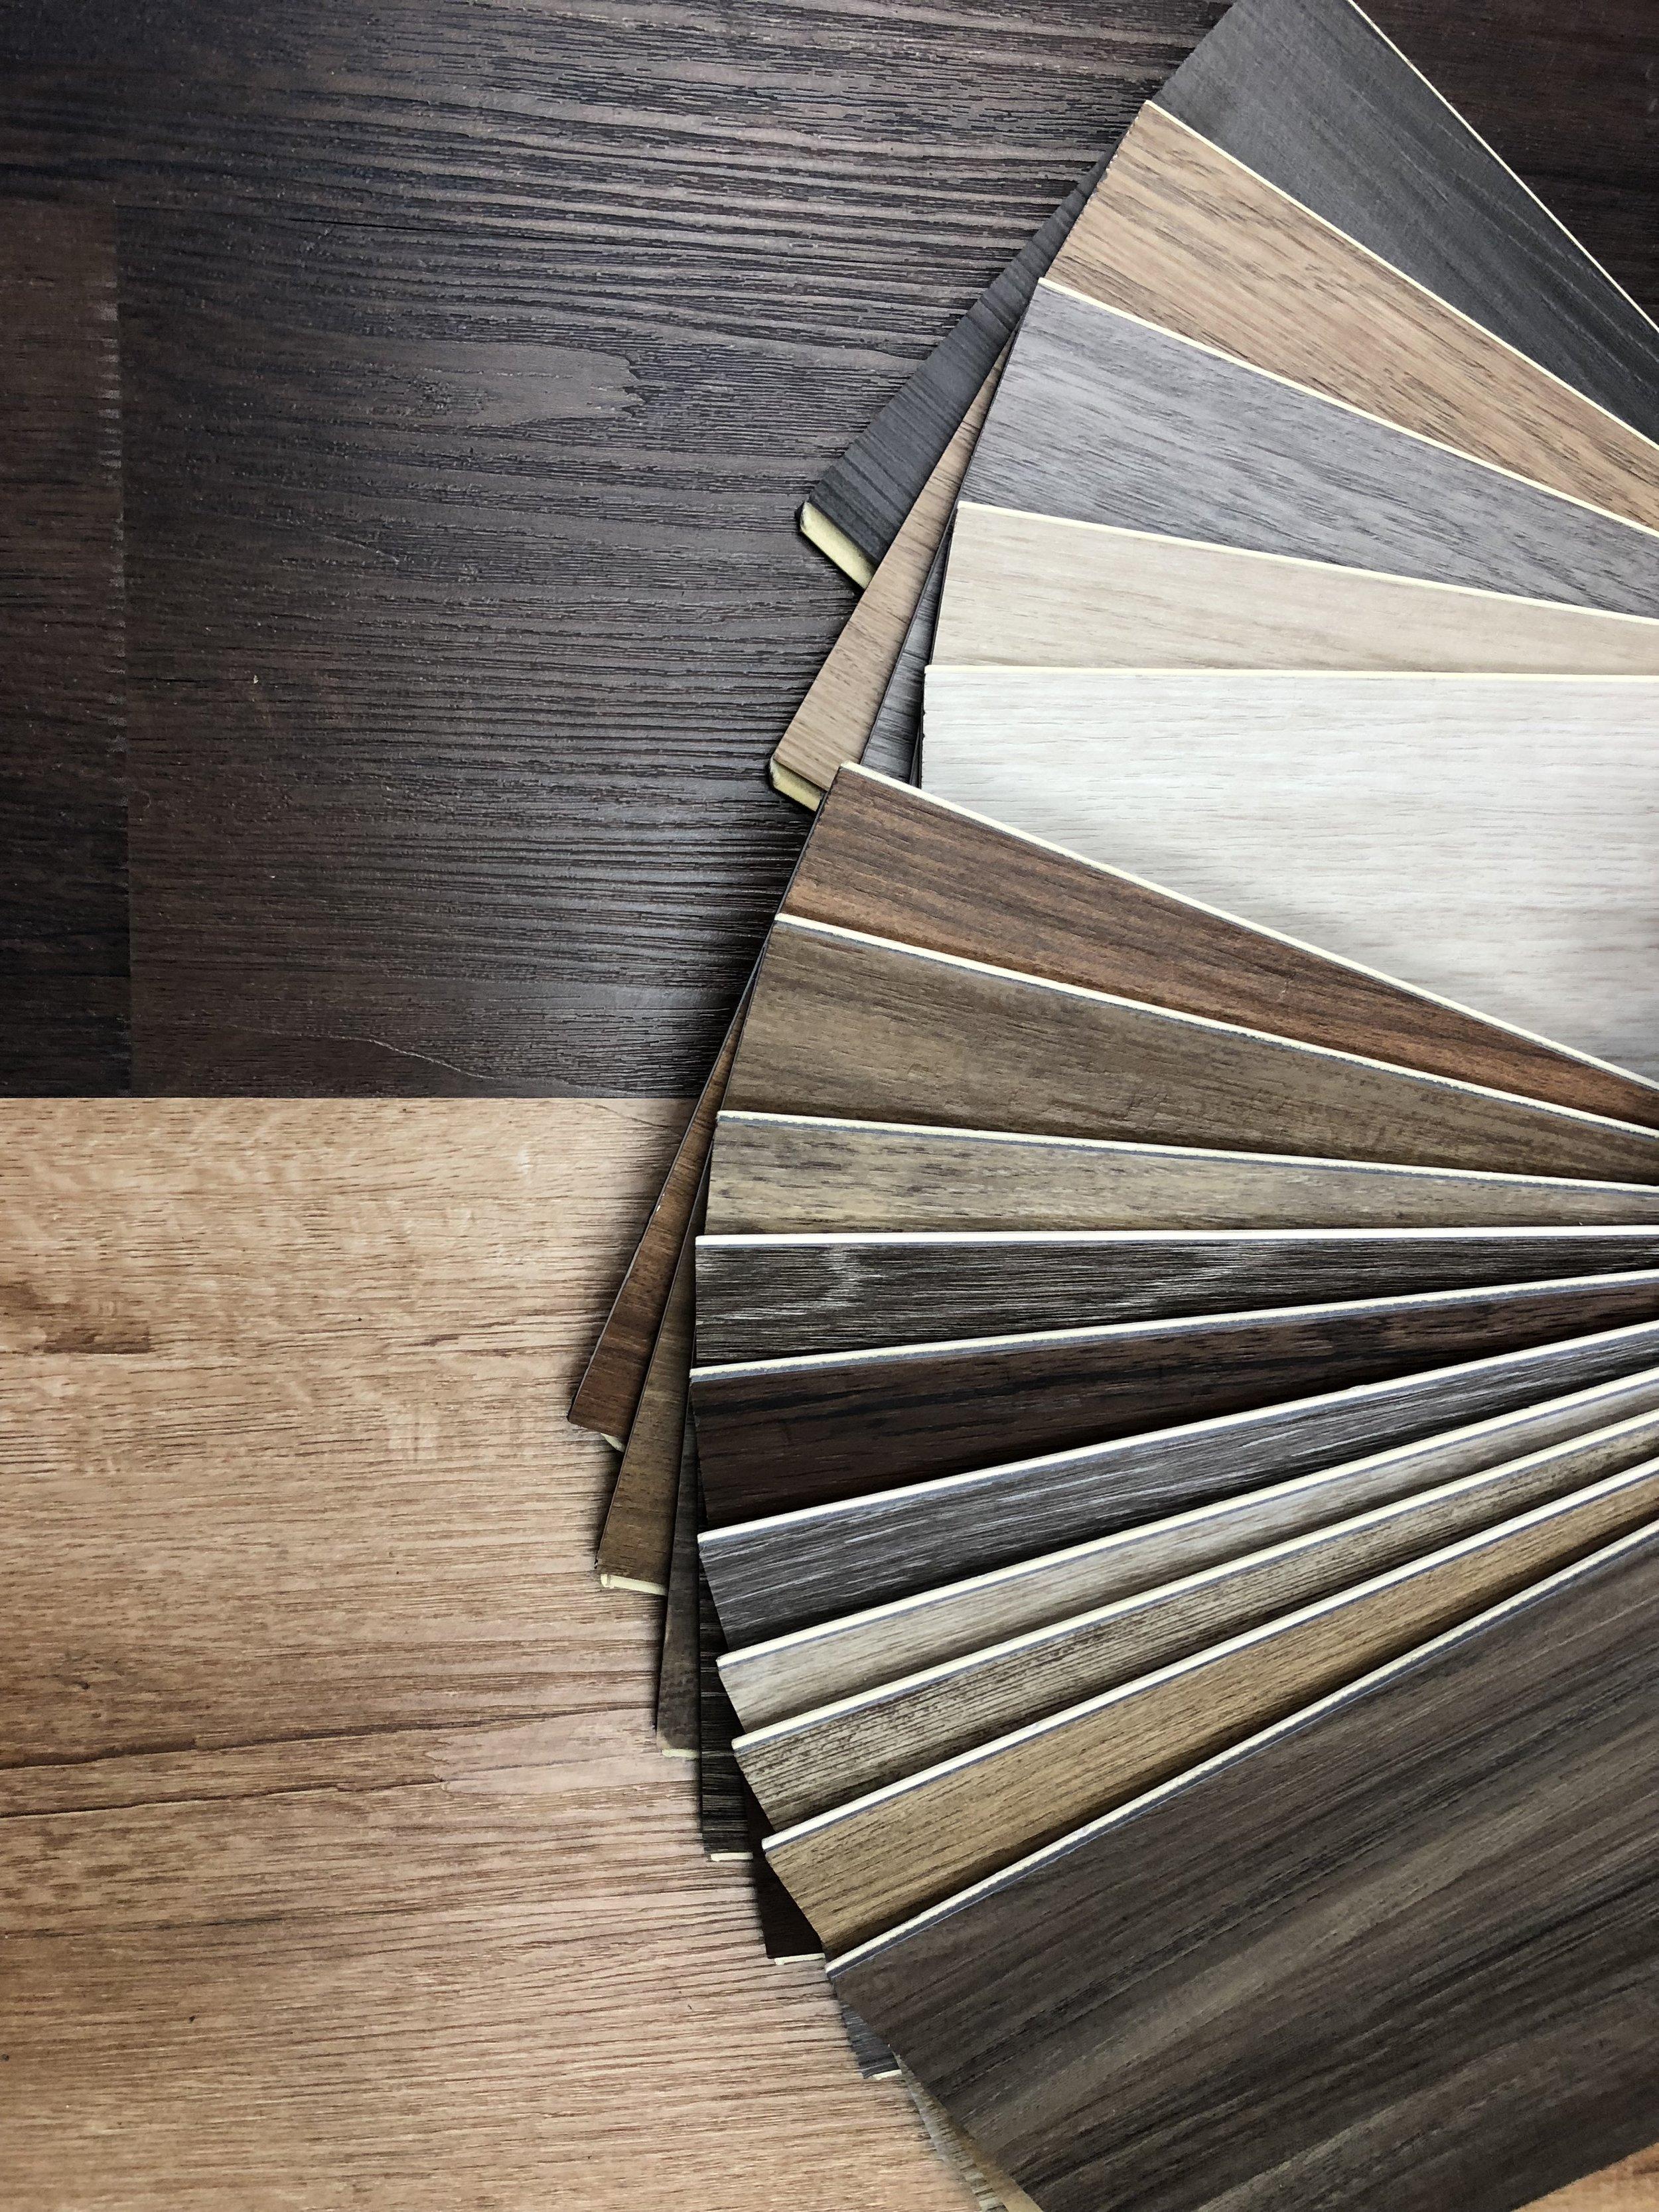 Faux wood flooring samples